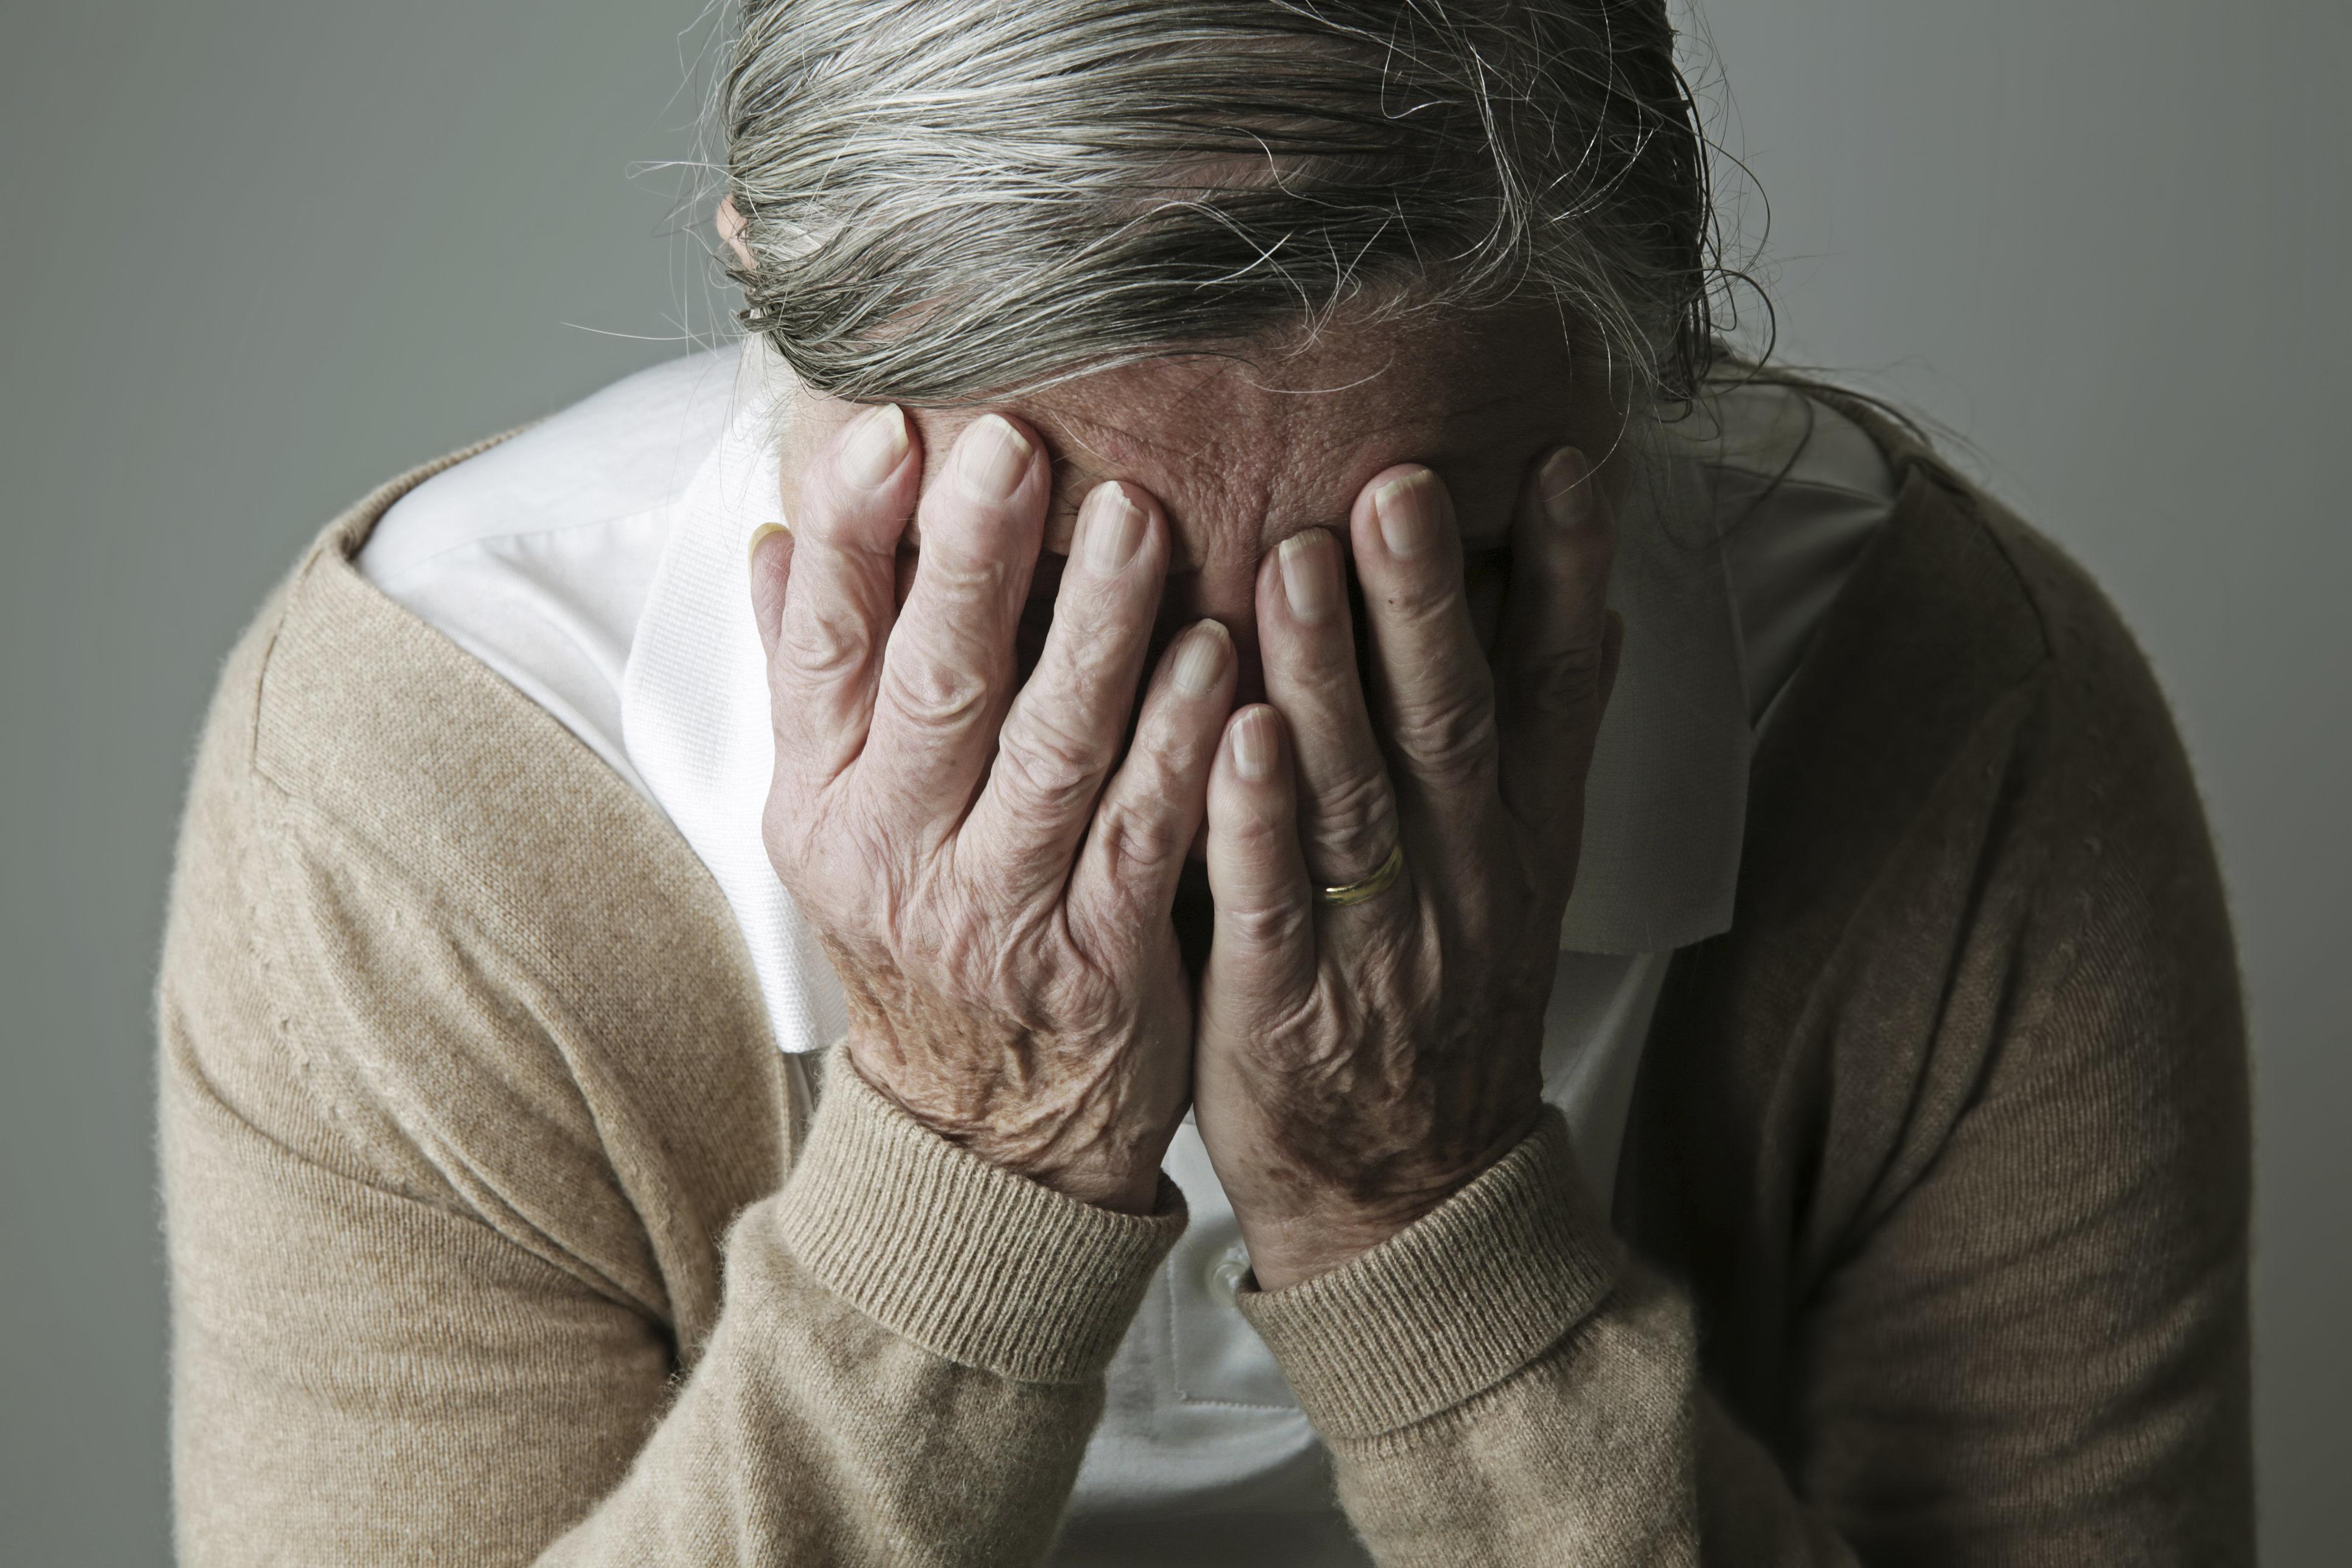 Prozess: HIV-positiver Mann soll 82-Jährige brutal vergewaltigt haben